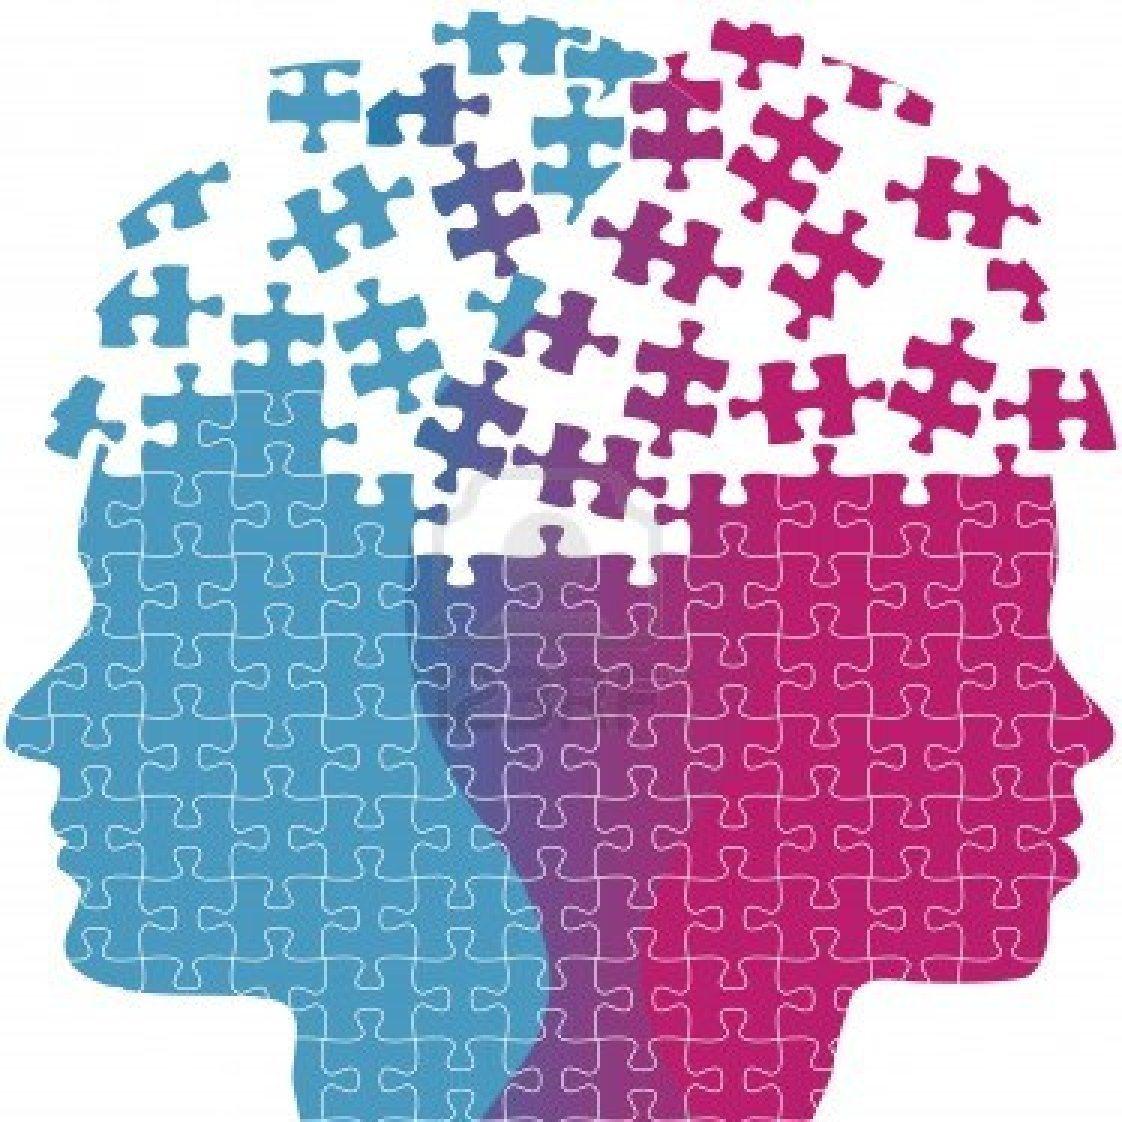 Formation en psychologie, et si vous optiez pour la reconversion ?